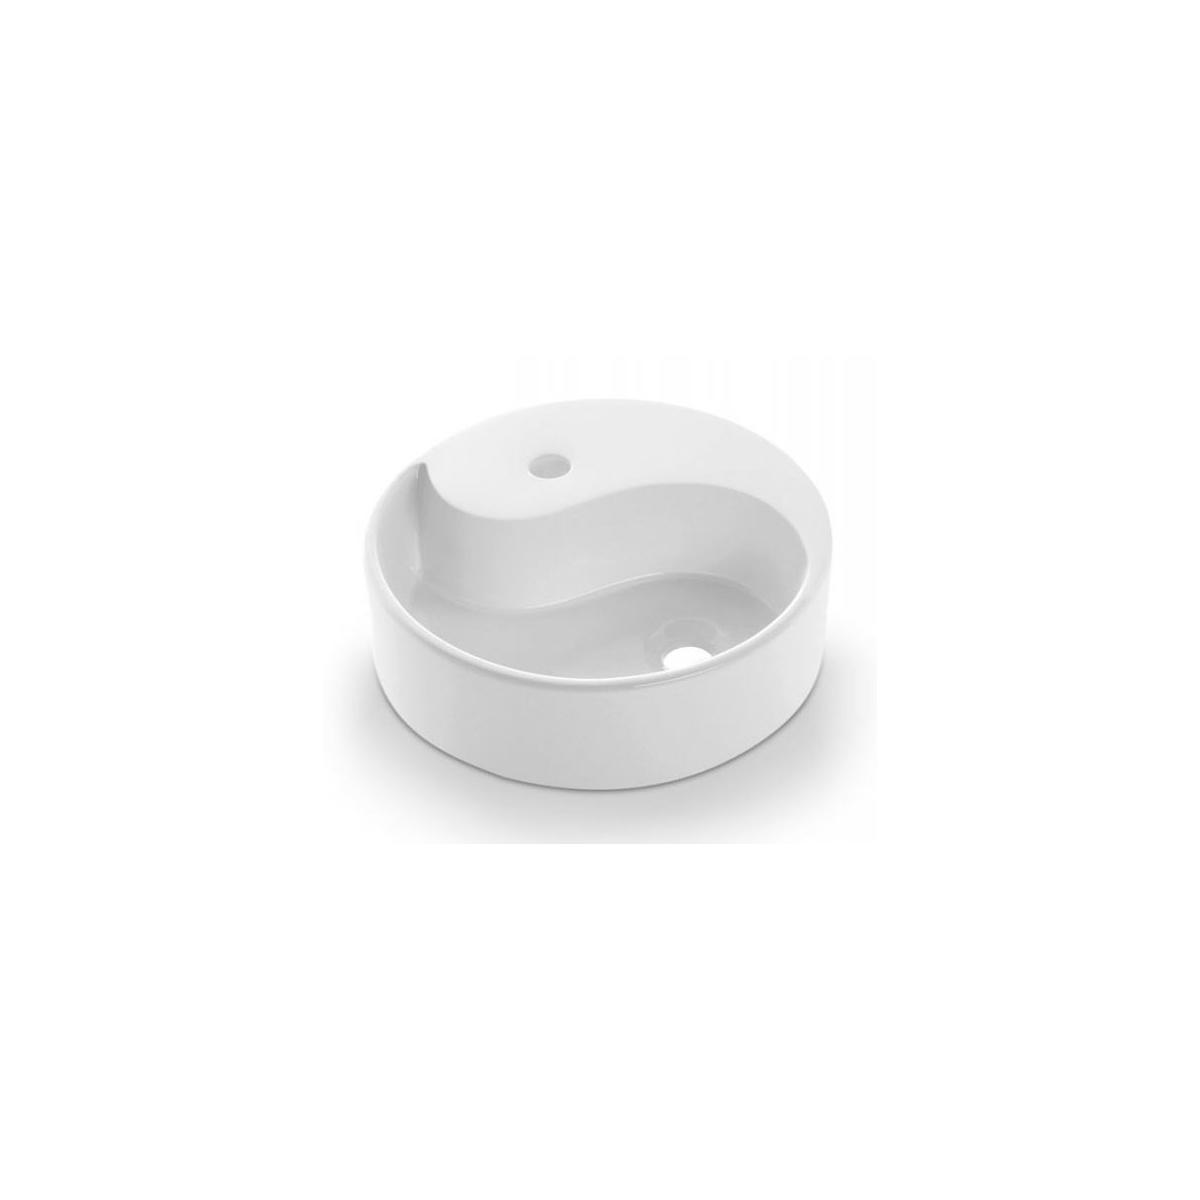 Lavabo Circular Yin Yang - Lavabos circulares - Marca The Bathco